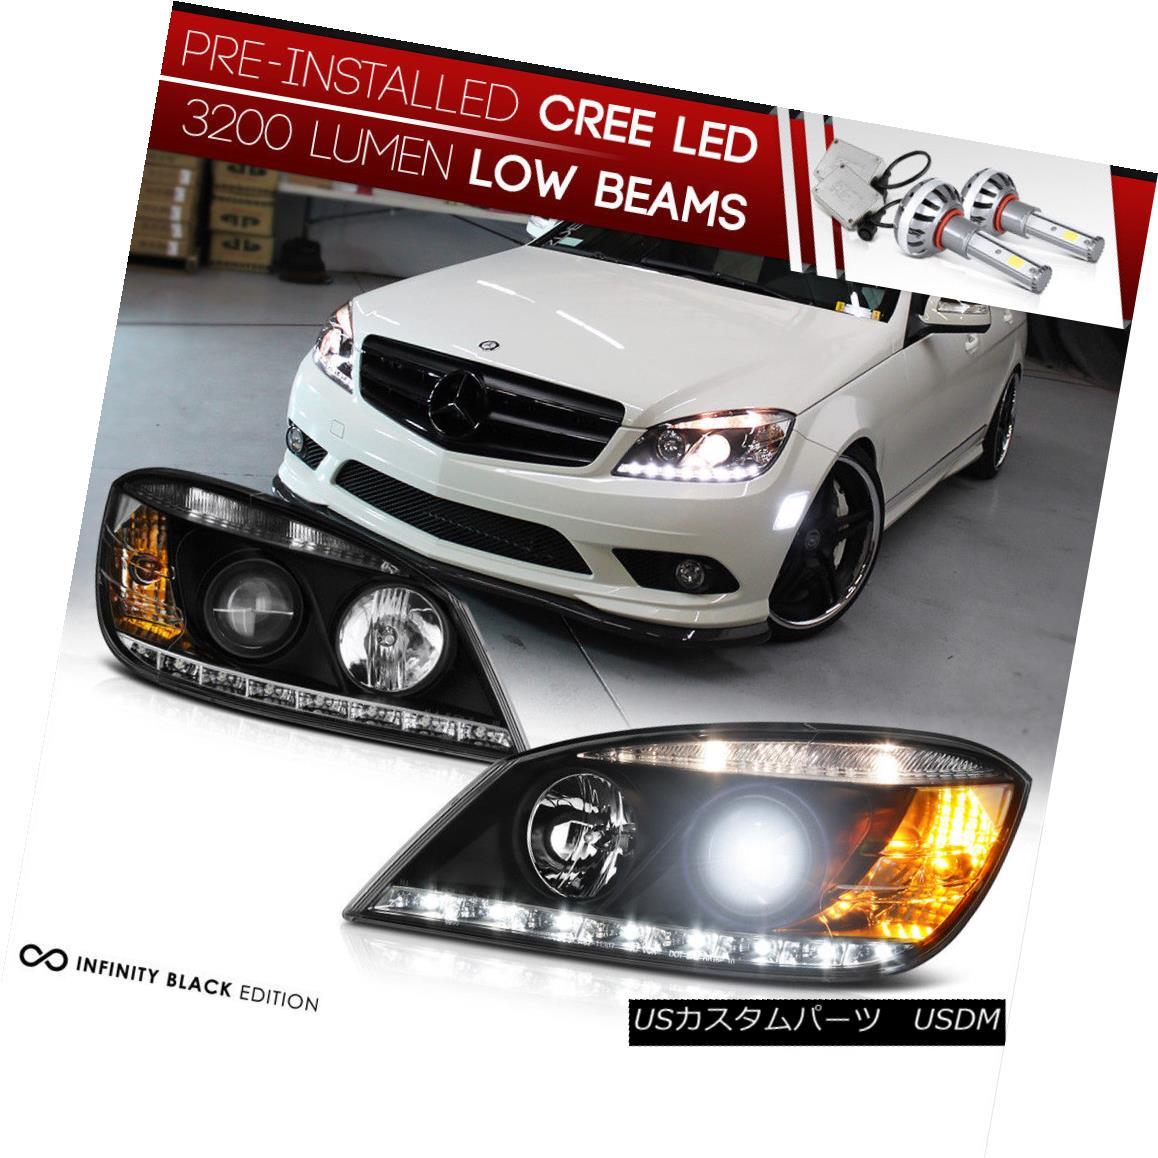 ヘッドライト [BUILT-IN LED LOW BEAM] 2008-2011 Mercedes-Benz W204 C